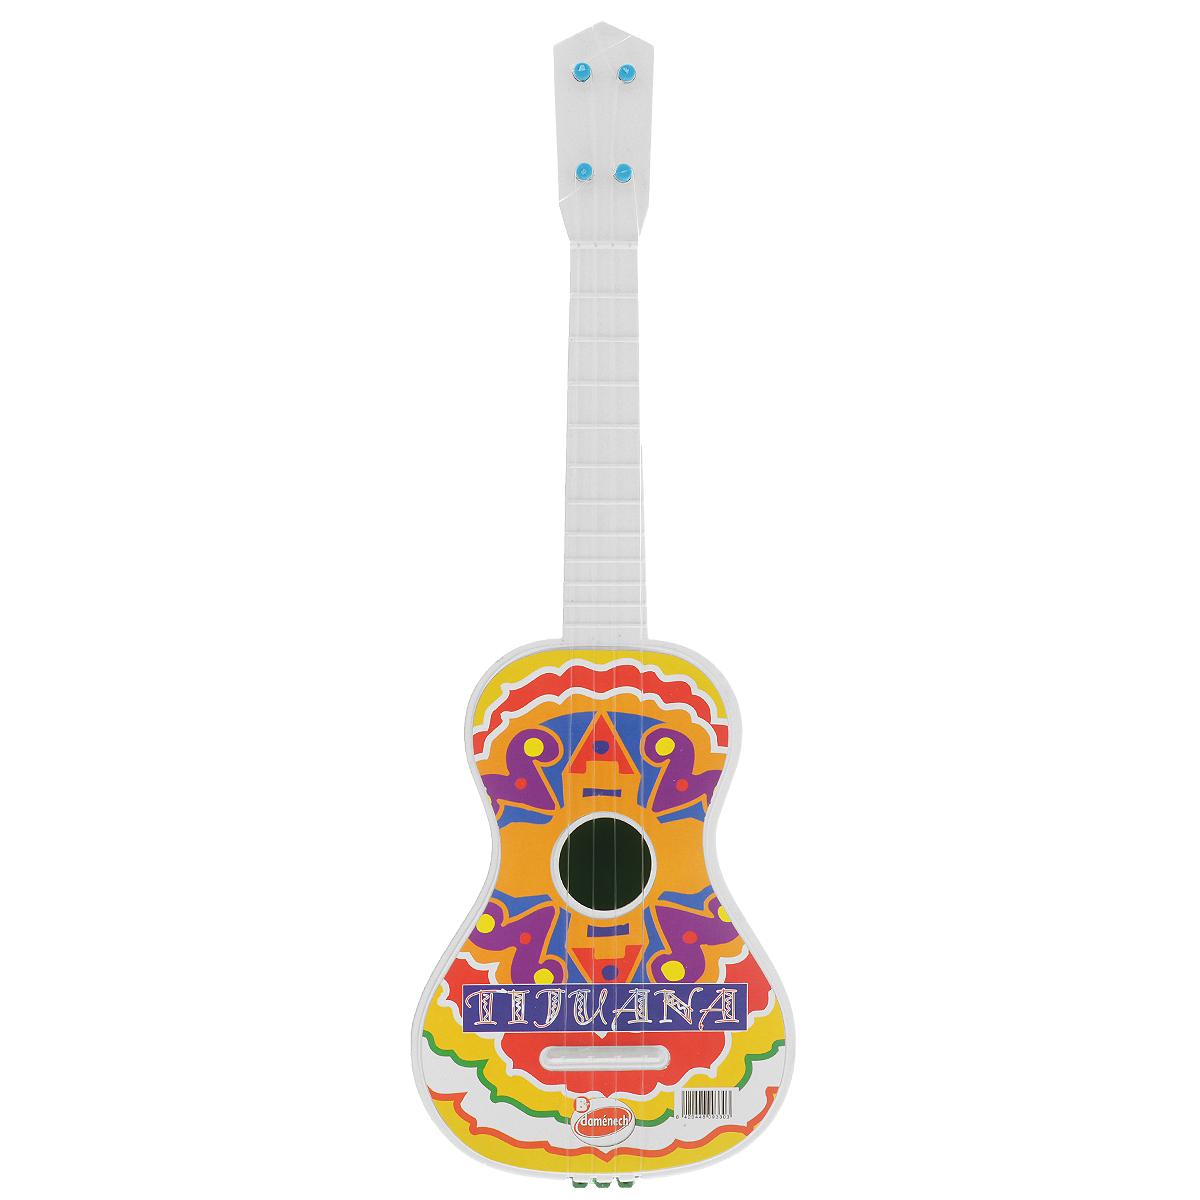 Гитара Domenech Tijuana03/09330Четырехструнная гитара Domenech Tijuana послужит замечательным подарком для вашего ребенка. Гитара выполнена из пластика и украшена яркими узорами, и имеет удобные размеры для маленьких детских ручек. Струны гитара не регулируются, но каждая имеет свое звучание. Детская гитара поможет ребенку в развитии слуха и творческих способностей. Перебирая струны, малыш не только знакомится с миром музыки, но и тренирует ловкость пальчиков и мелкую моторику.